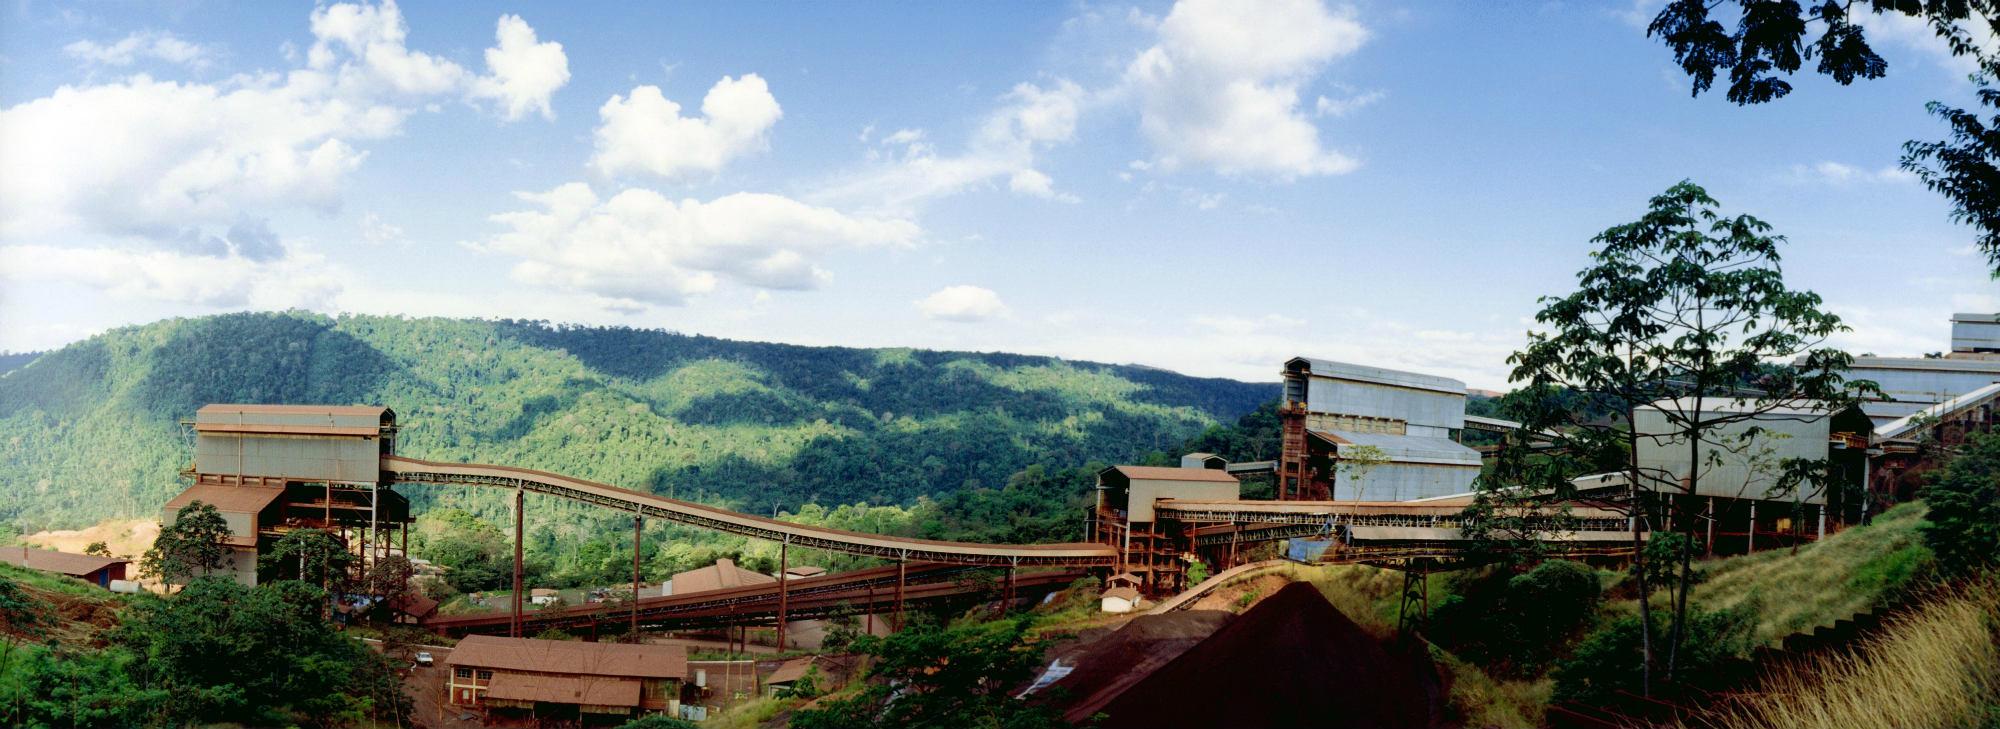 Mina de ferro do complexo de Carajás. Foto: Divulgação/Vale